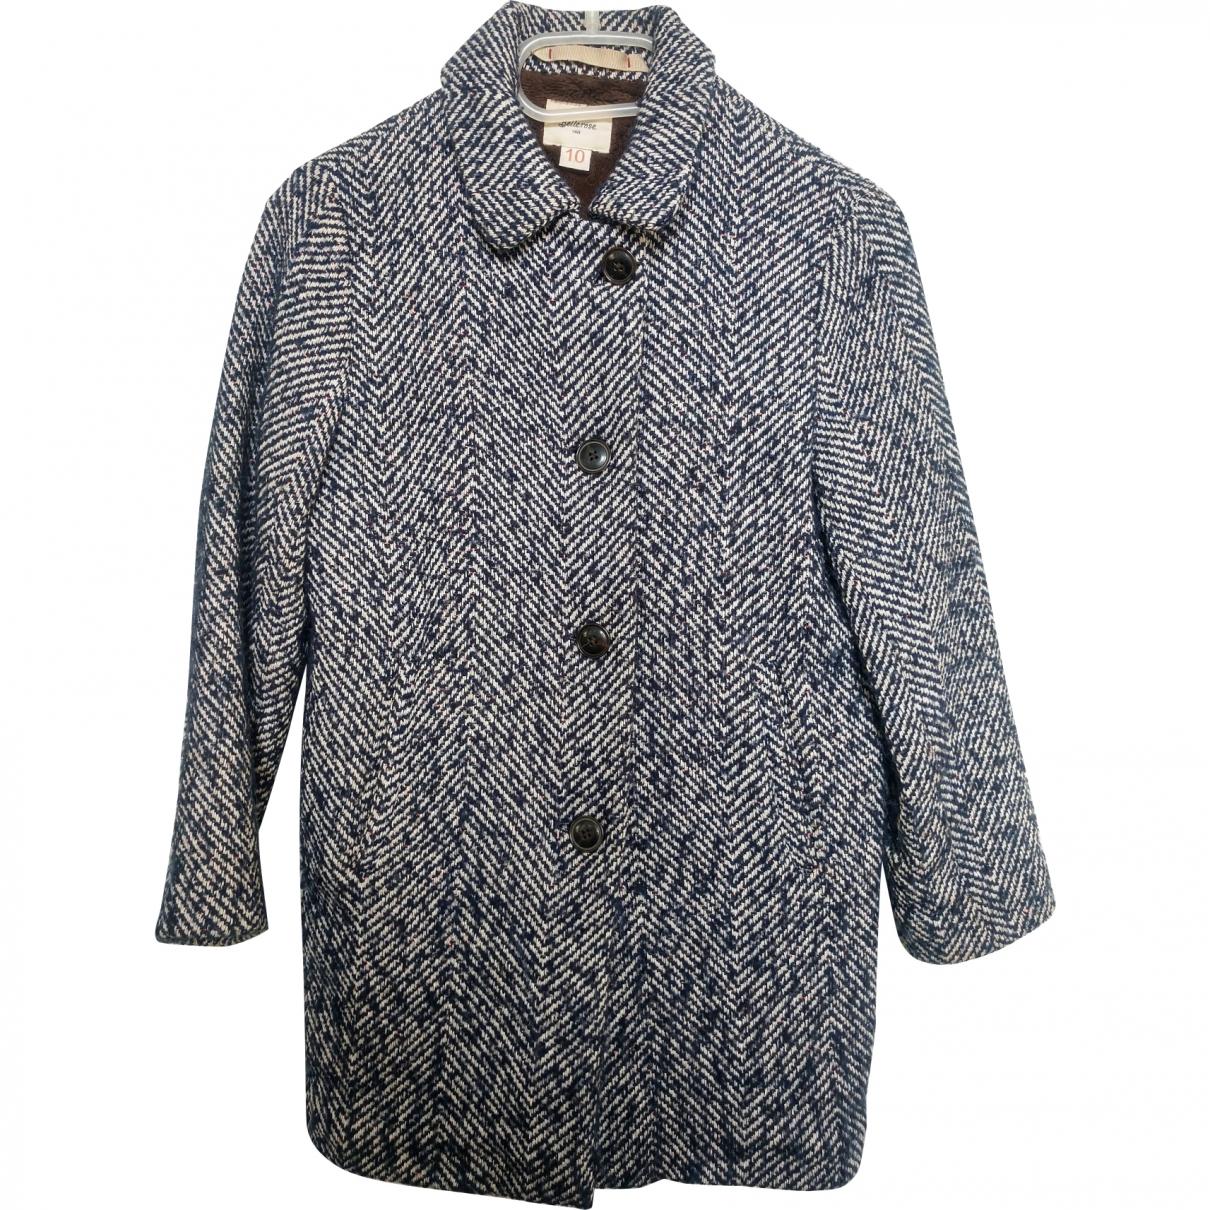 Bellerose \N Blue Tweed jacket & coat for Kids 8 years - up to 128cm FR